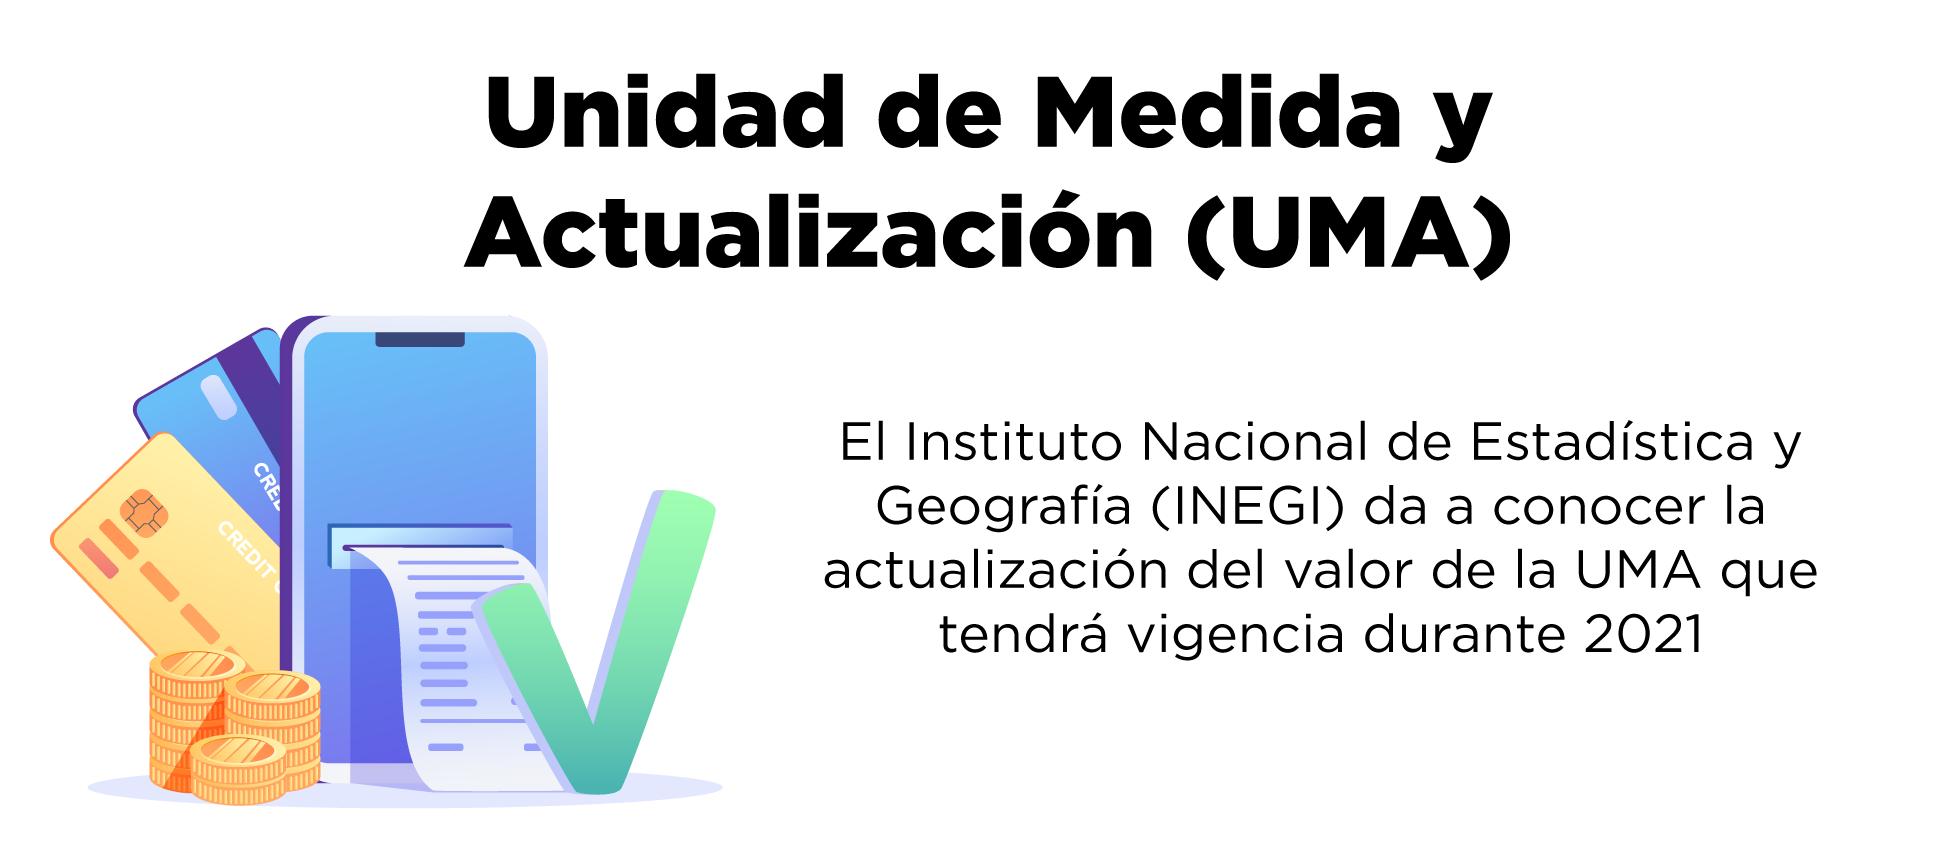 Unidad de Medida y Actualización (UMA)